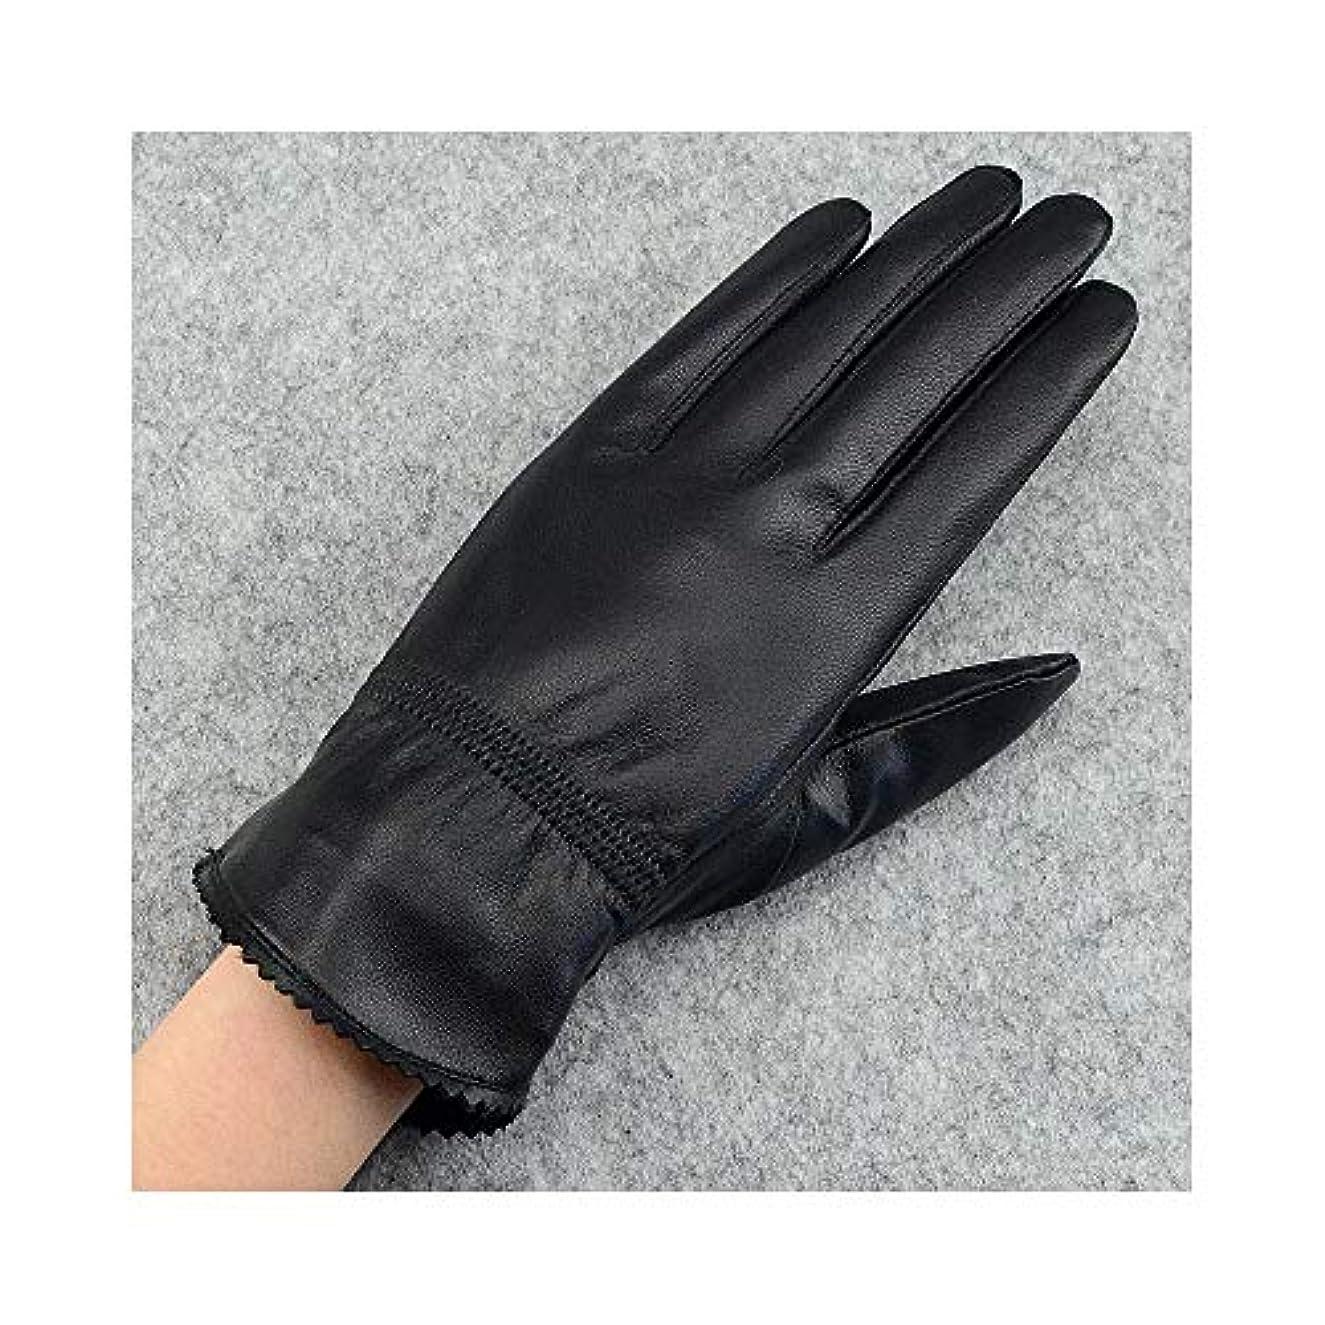 祖父母を訪問類人猿これまでBAJIMI 手袋 グローブ レディース/メンズ ハンド ケア ファッション女性の革の手袋は、秋と冬の暖かい冬の乗馬用手袋を厚くする 裏起毛 おしゃれ 手触りが良い 運転 耐磨耗性 換気性